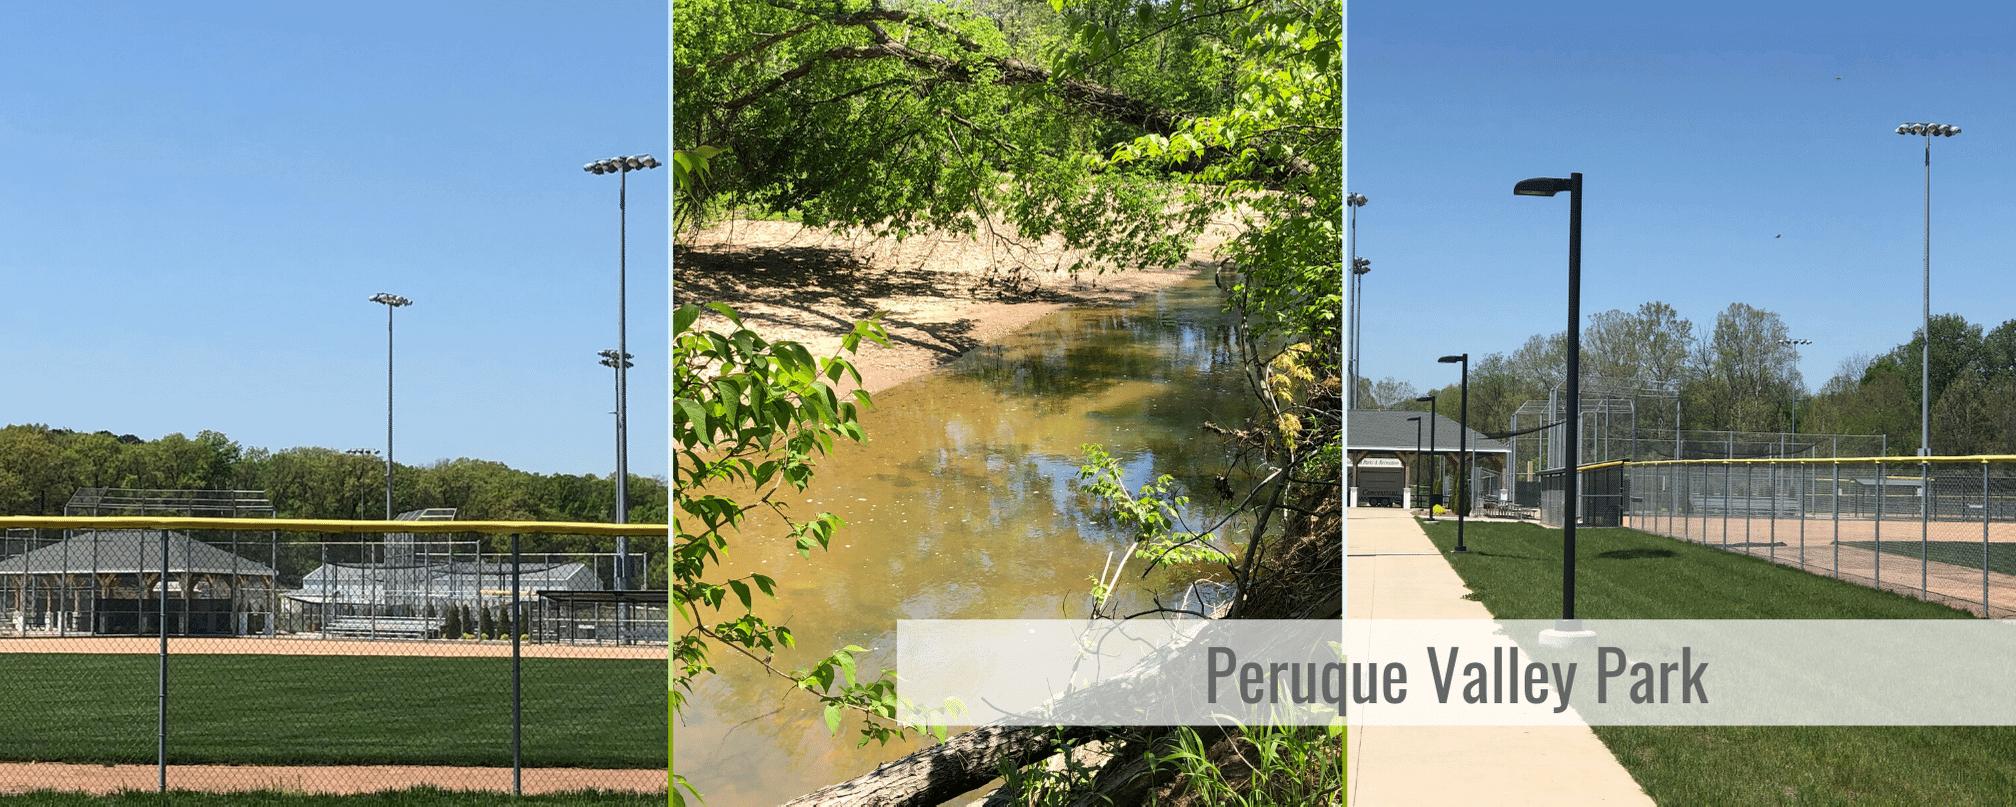 Peruque Valley Park Wentzville